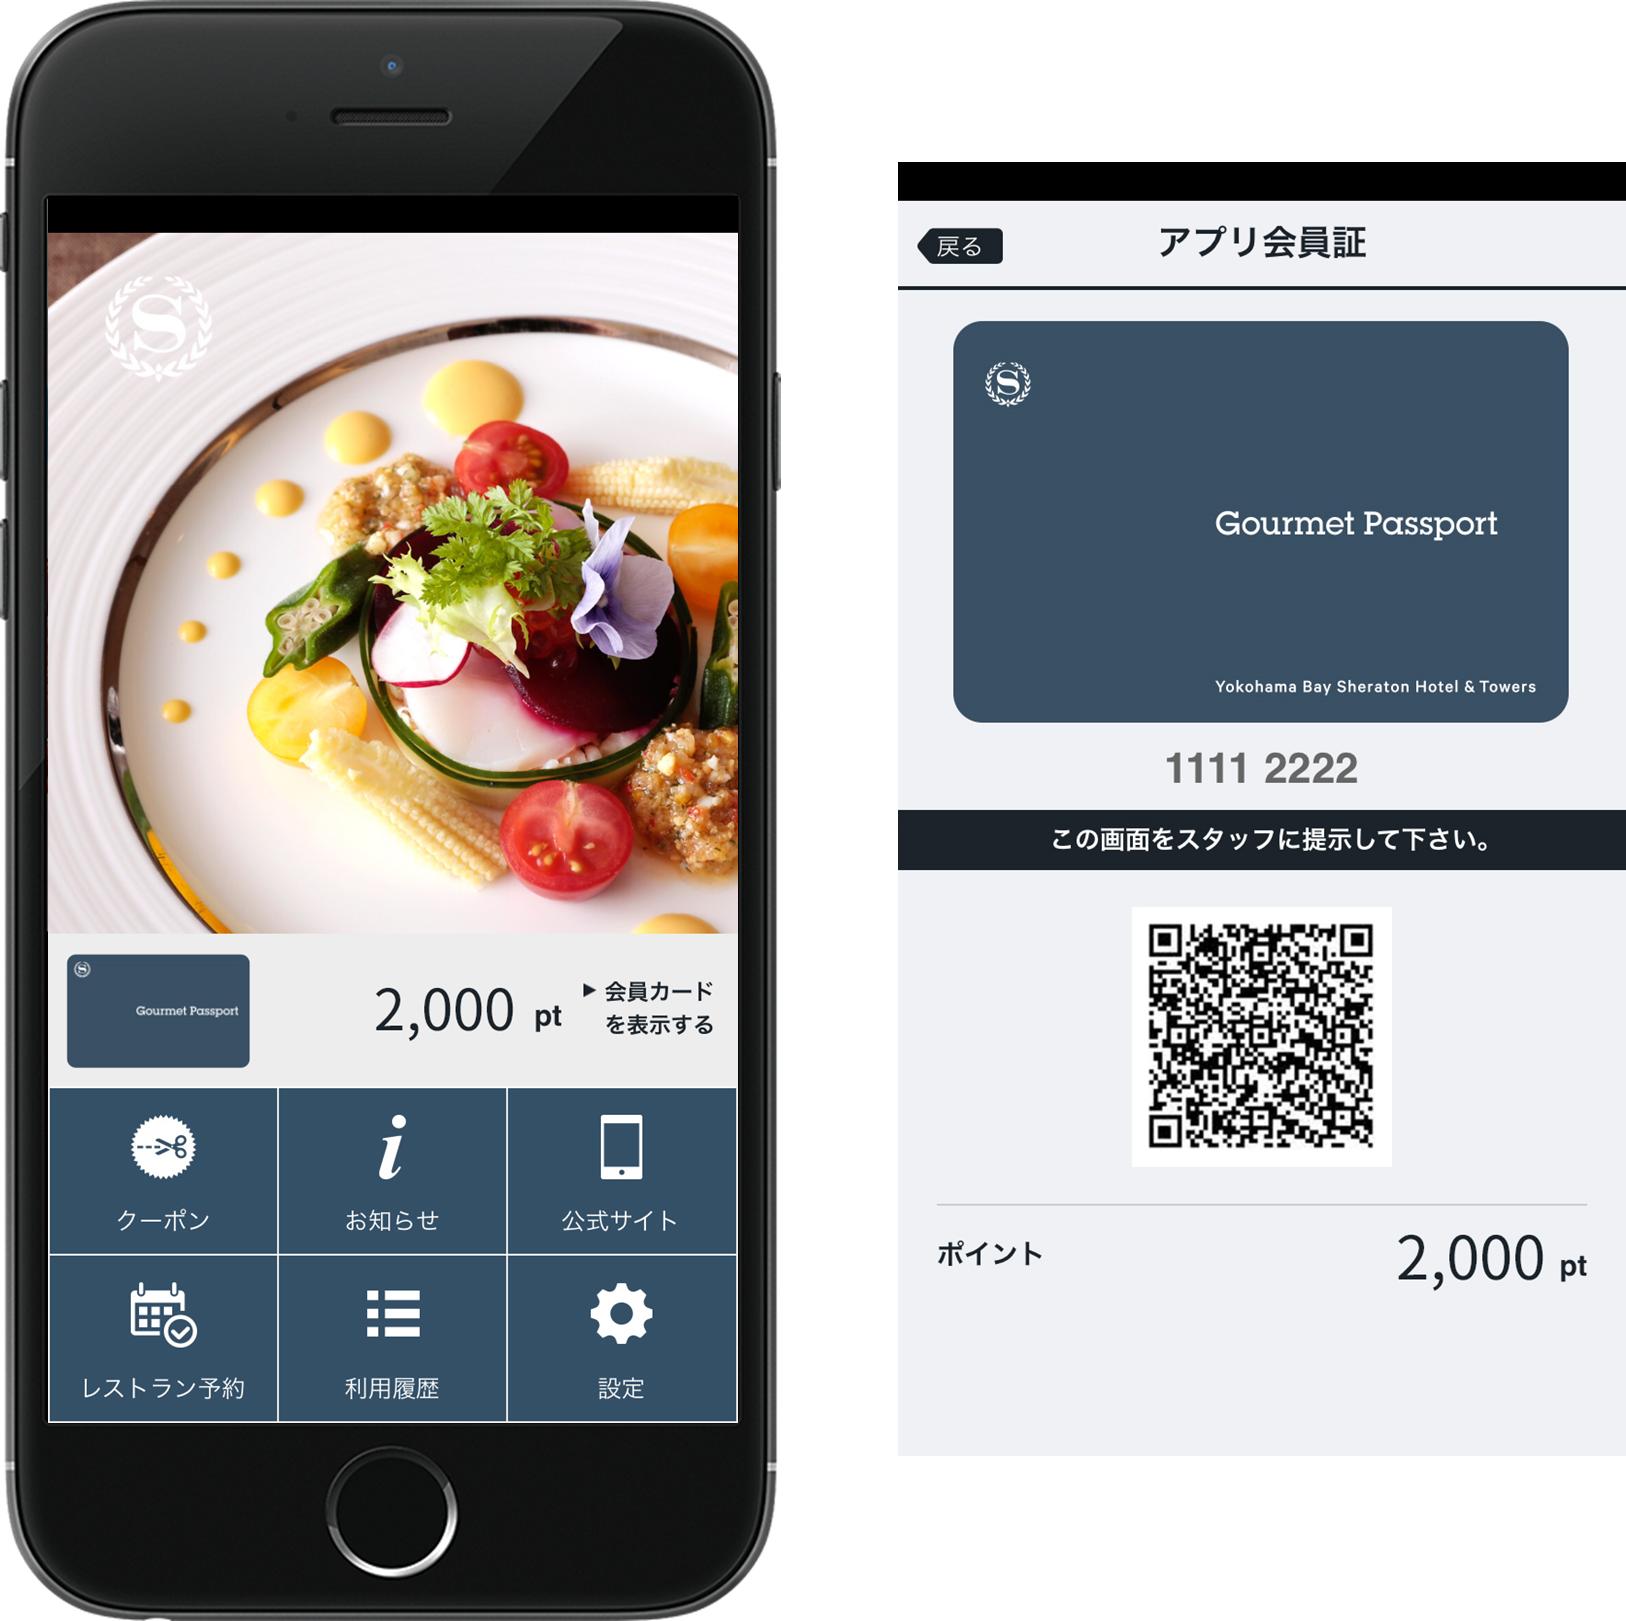 『横浜ベイシェラトン ホテル&タワーズ公式アプリ』に スマートCRMプラットフォーム『betrend』が採用 ~『グルメパスポート』会員証になる、スマートフォンアプリ~